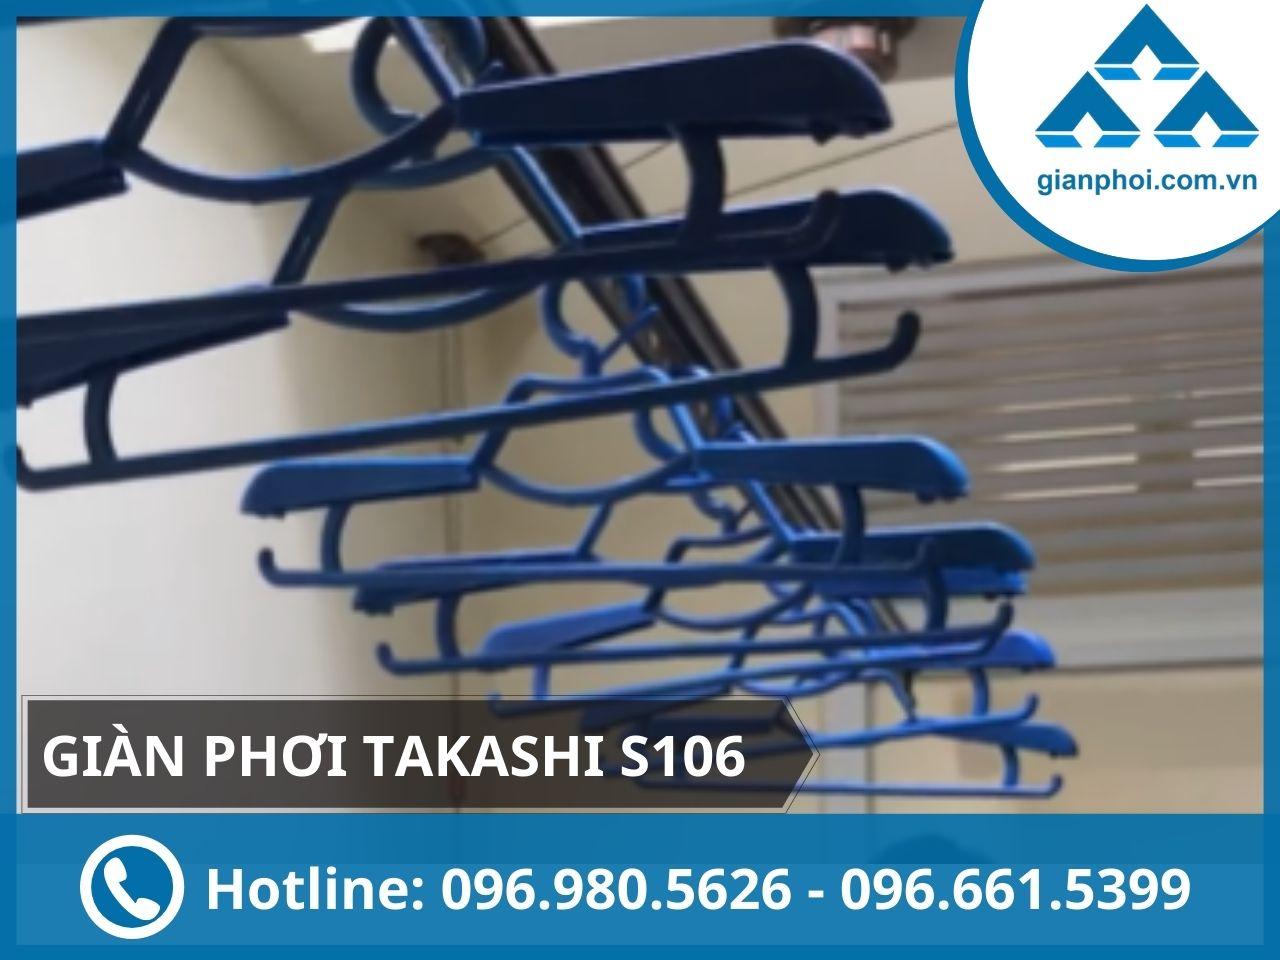 Giàn phơi thông minh quay tay nhập khẩu takashi s106